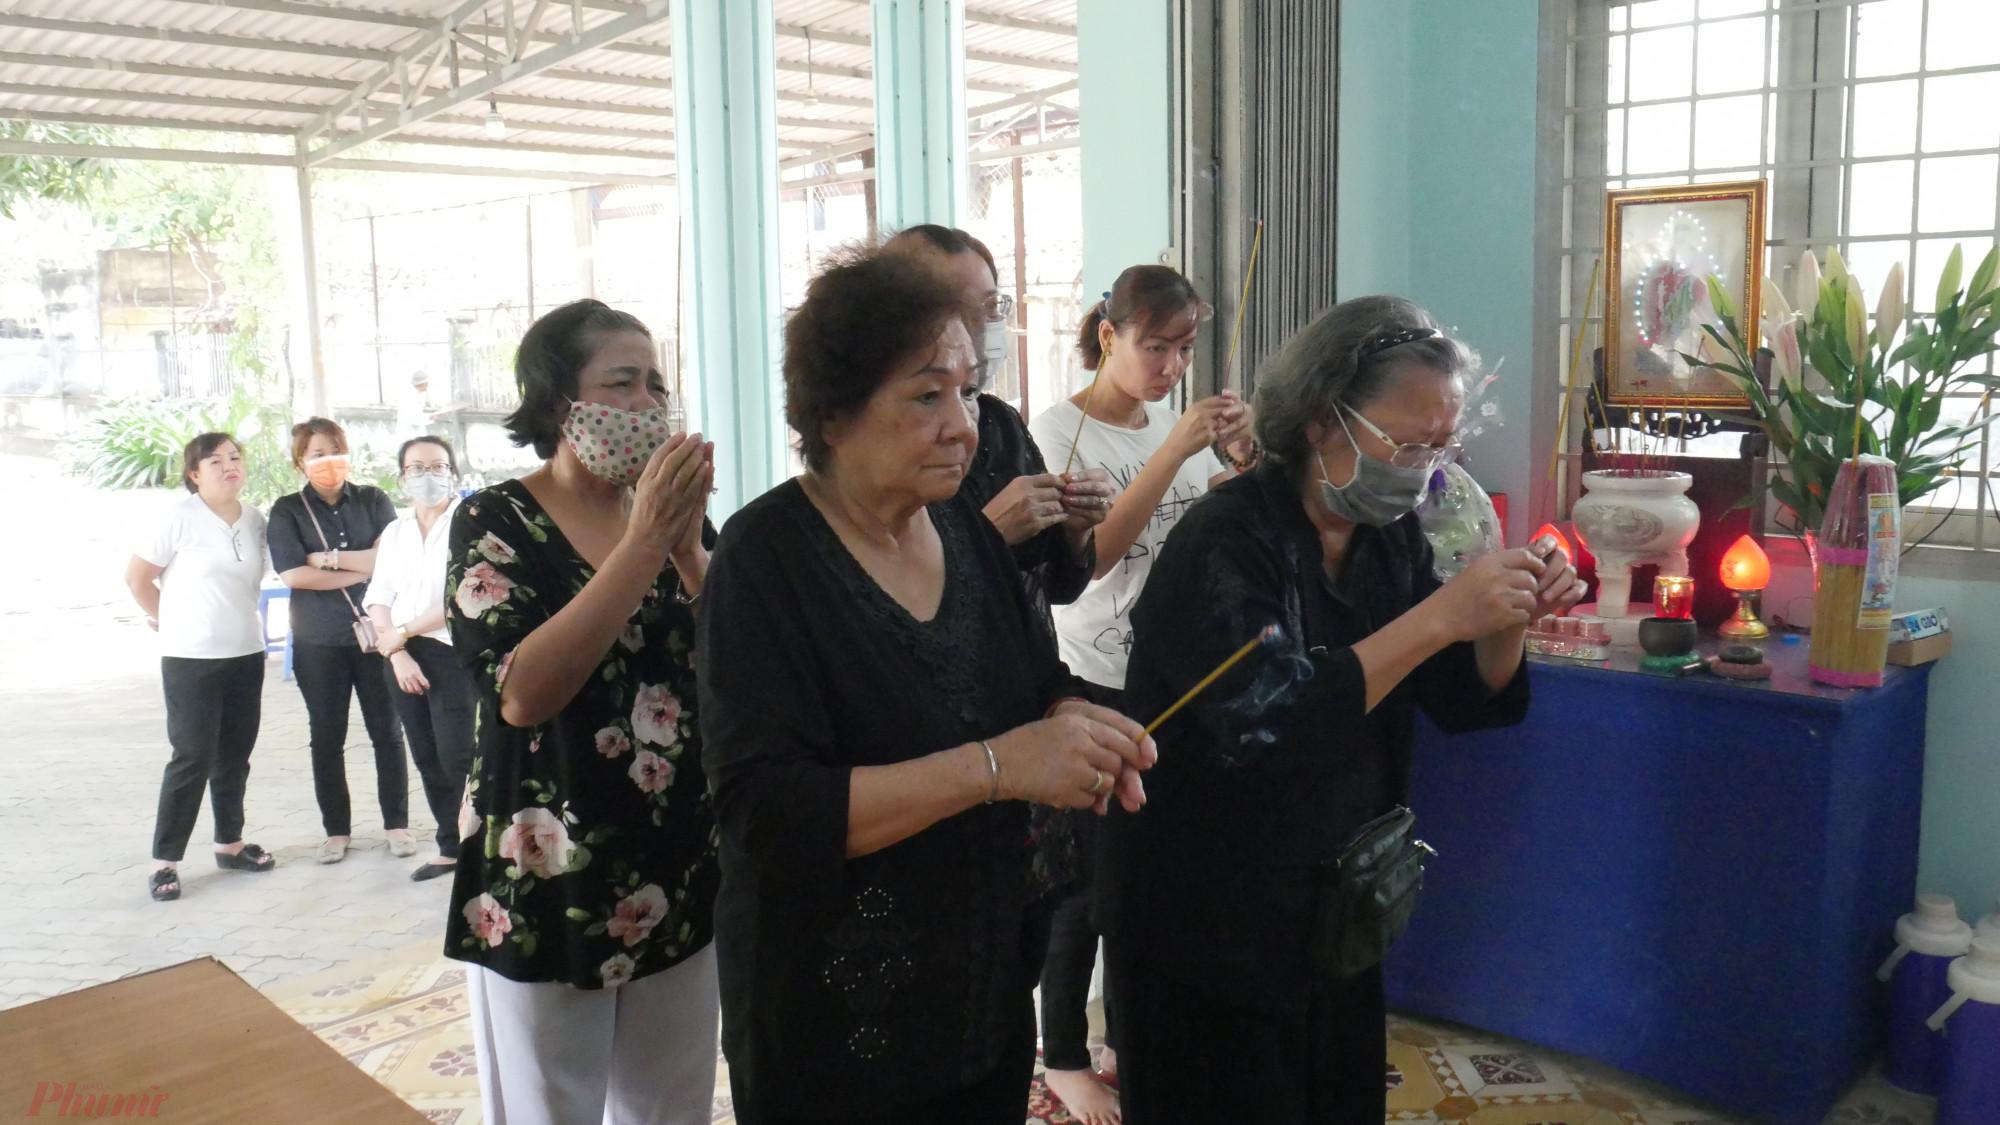 Các dì, chị là đồng nghiệp một thời và các thế hệ báo Phụ nữ cũng đến viếng tang dì Mười Mai